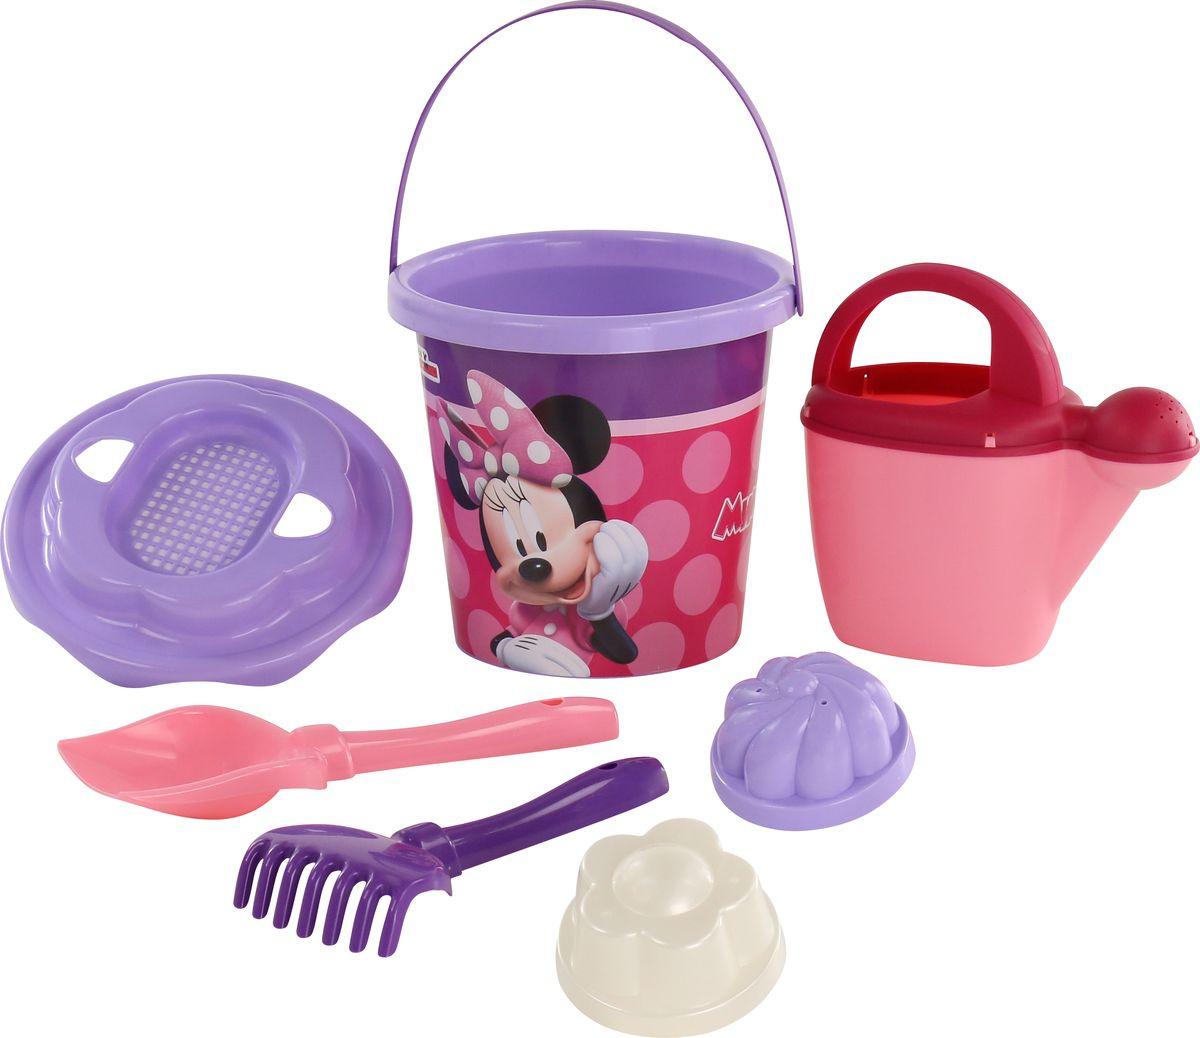 Disney Набор игрушек для песочницы Минни №12, 7 предметов, цвет в ассортименте  #1